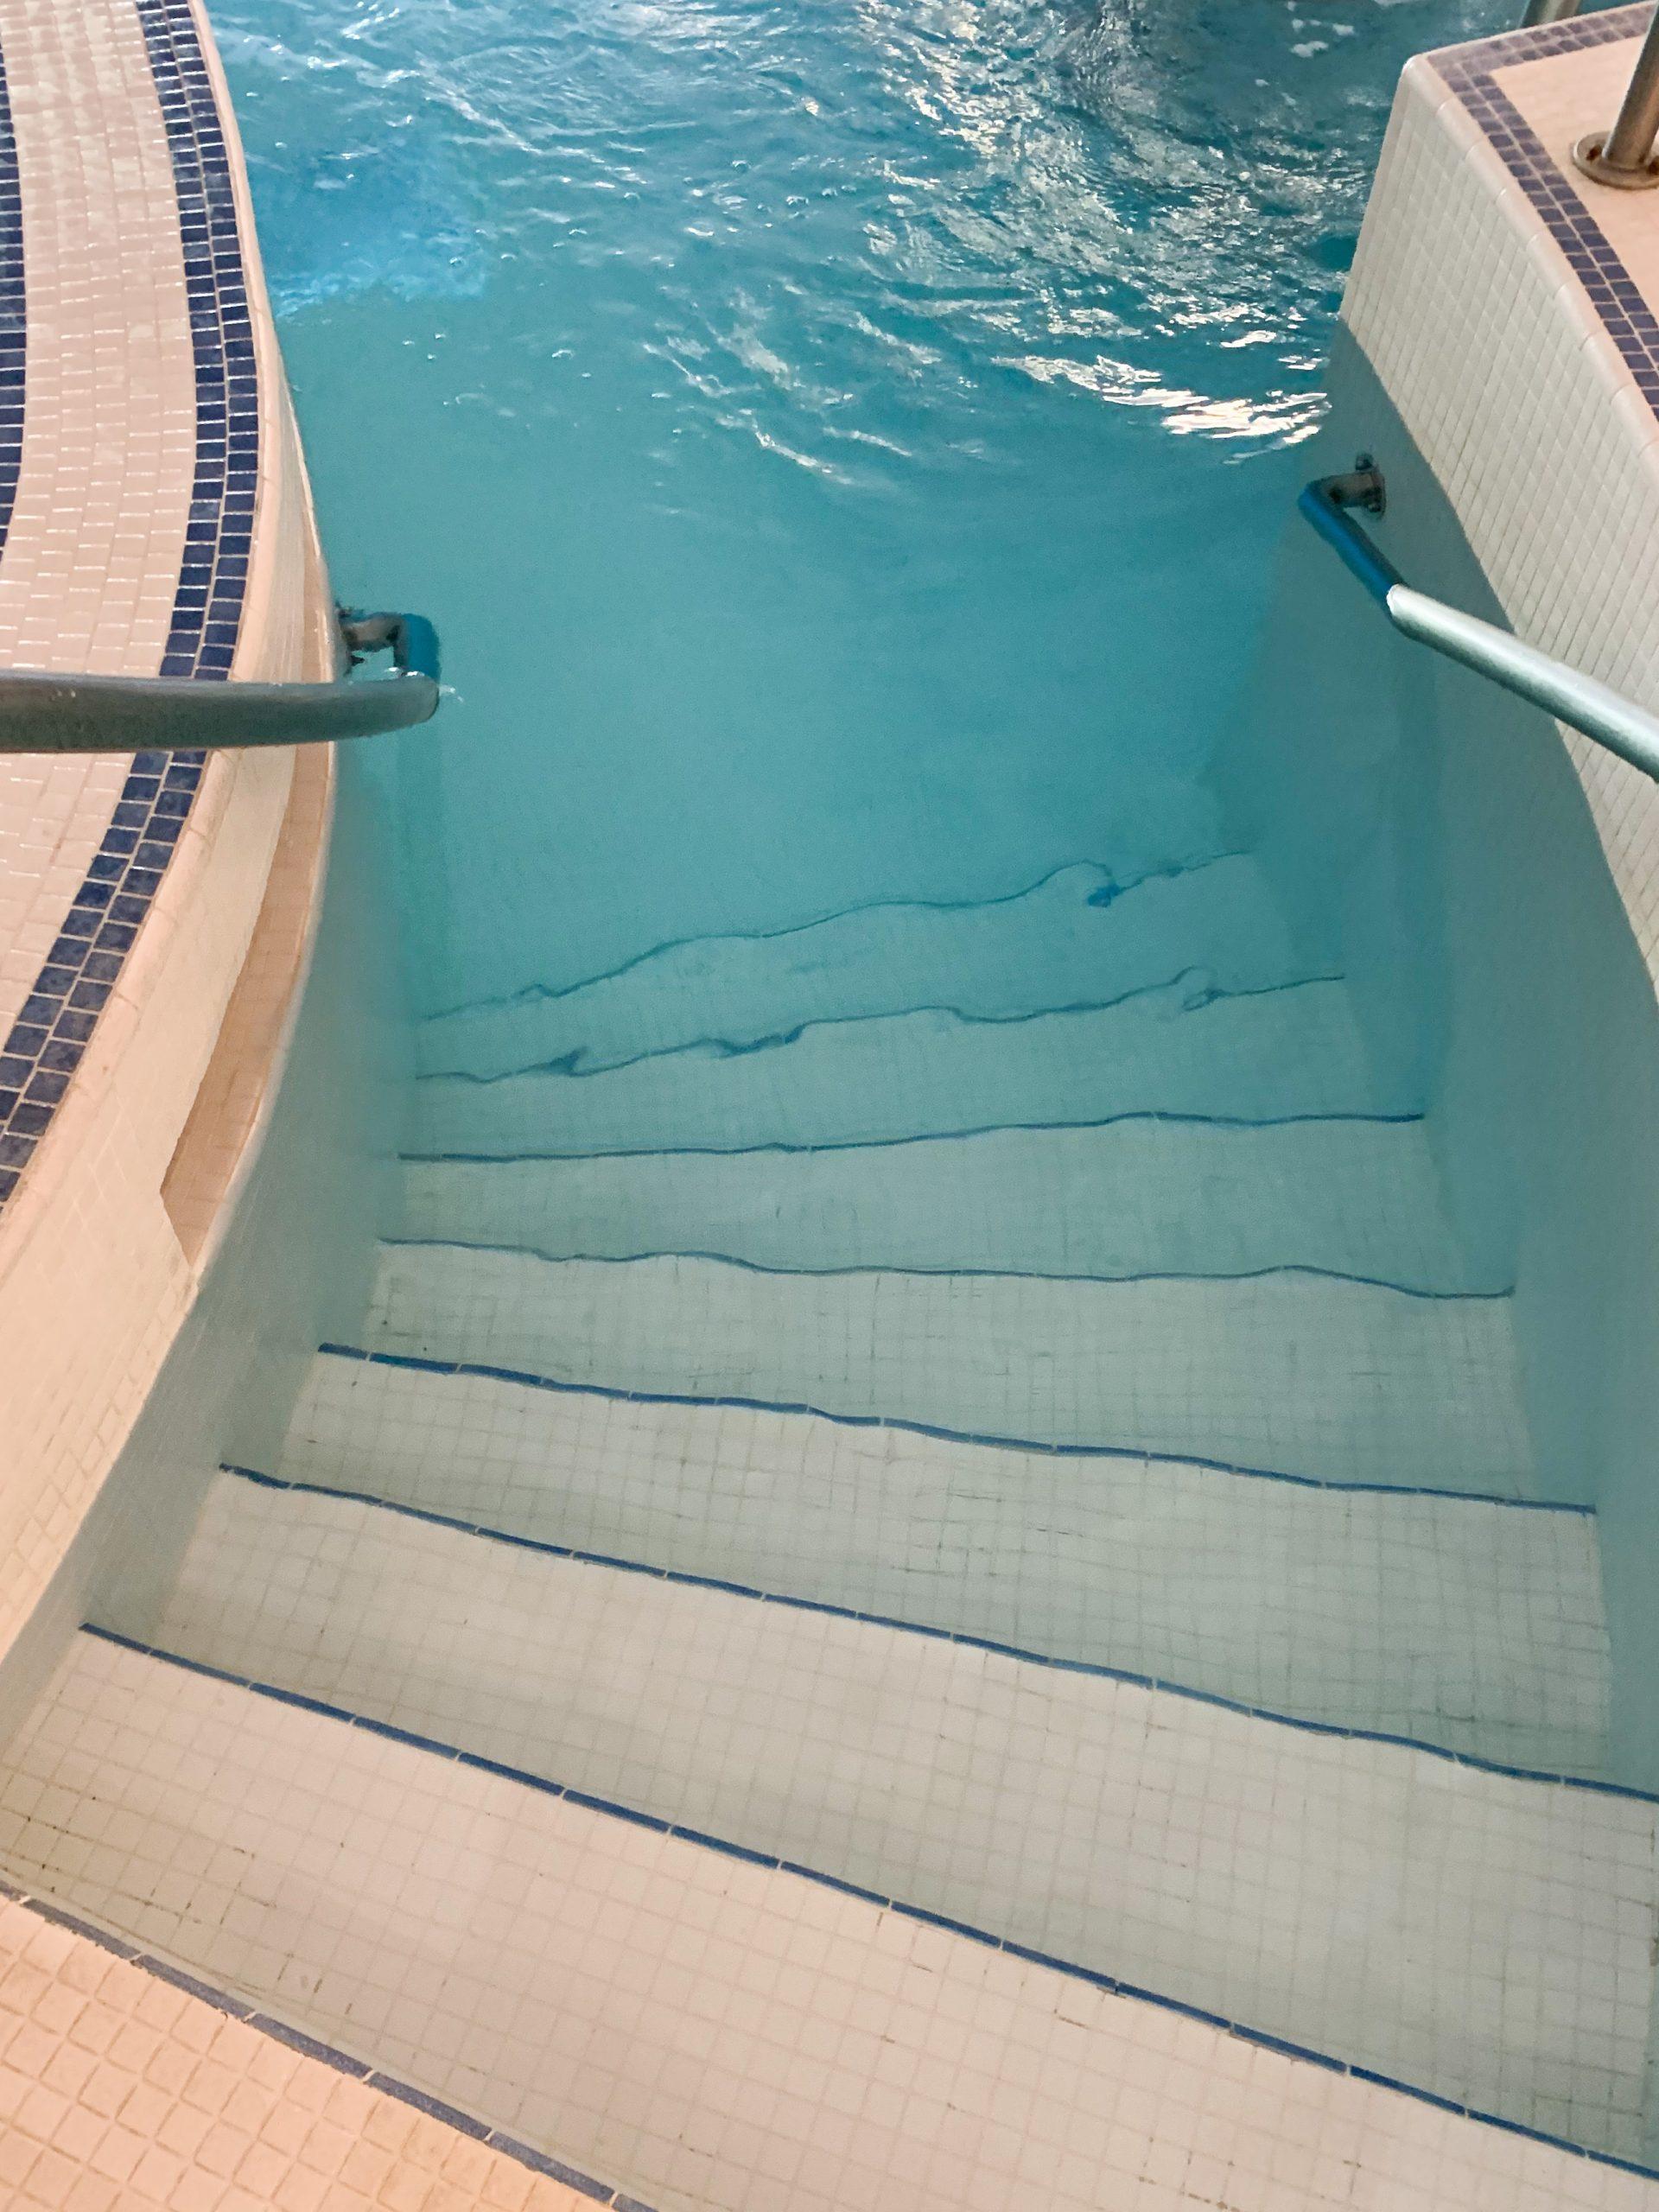 piscine thermale d'amelie les bains